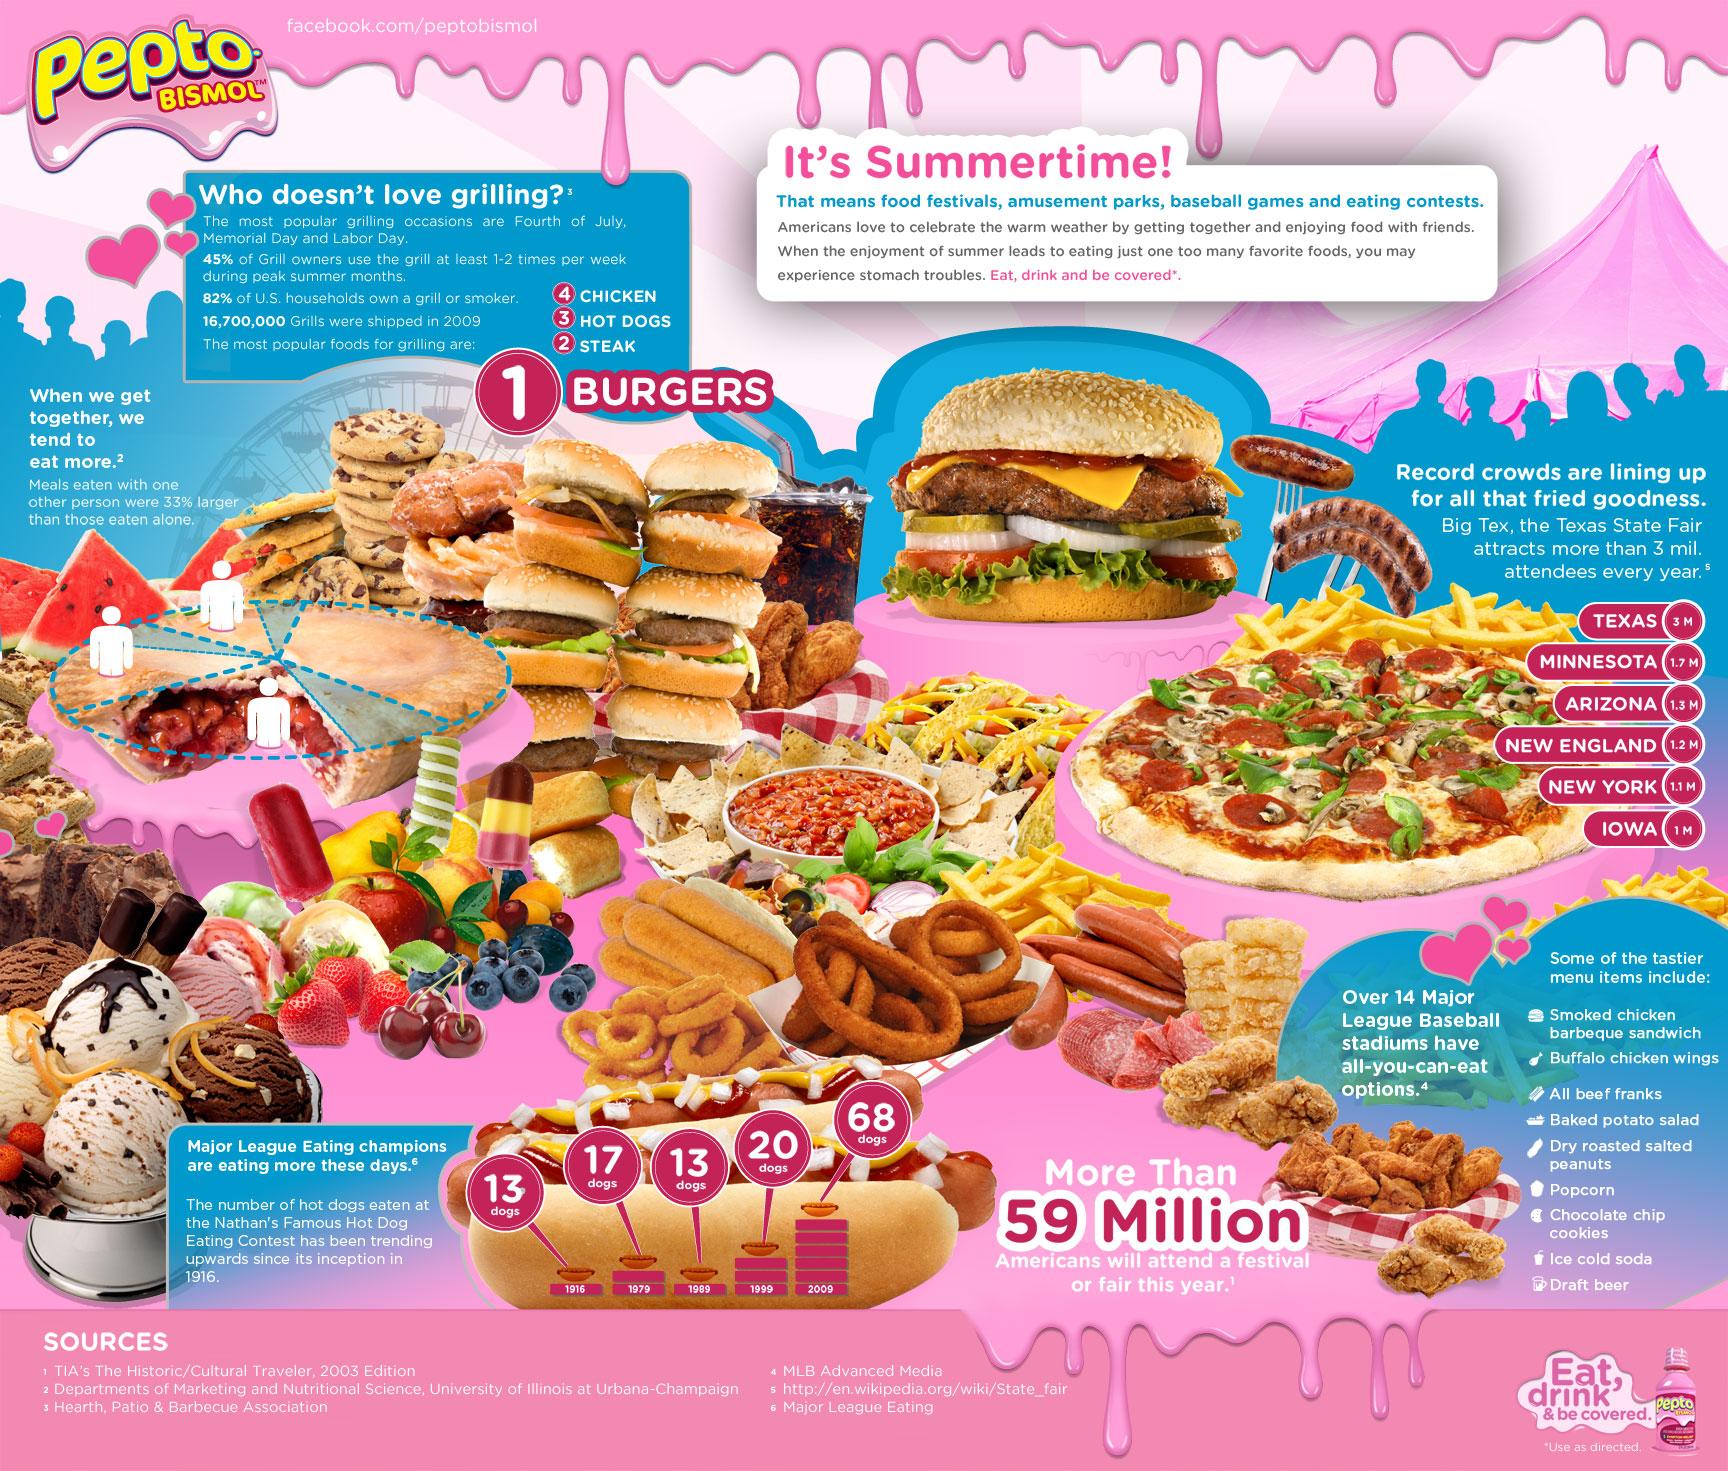 summertime-american-eats_50290a5d0135d.jpg